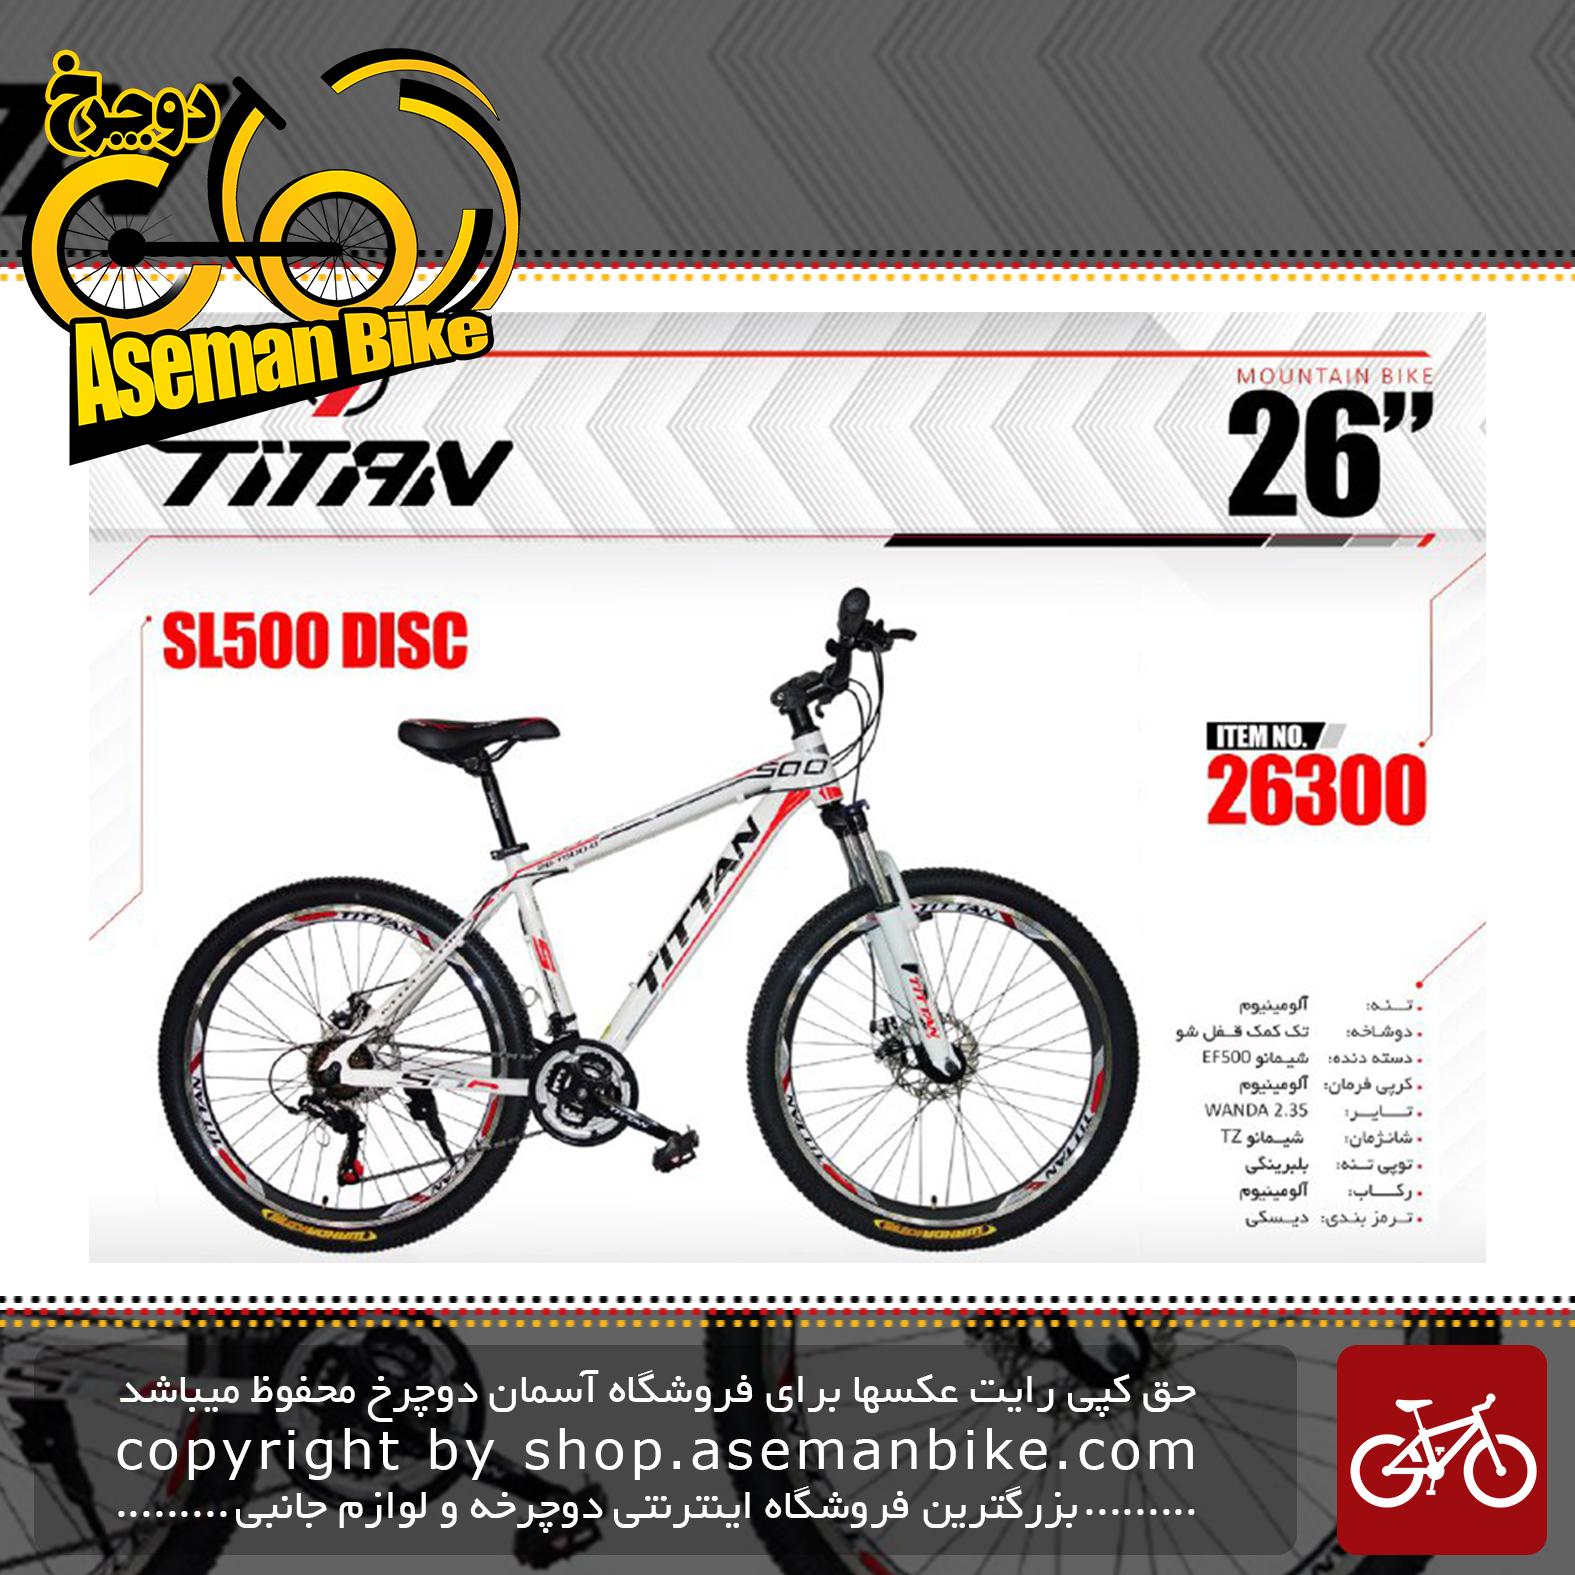 دوچرخه کوهستان تایتان سایز 26 مدل اس ال 500دیسک TITAN SIZE 26 SL500 DISC